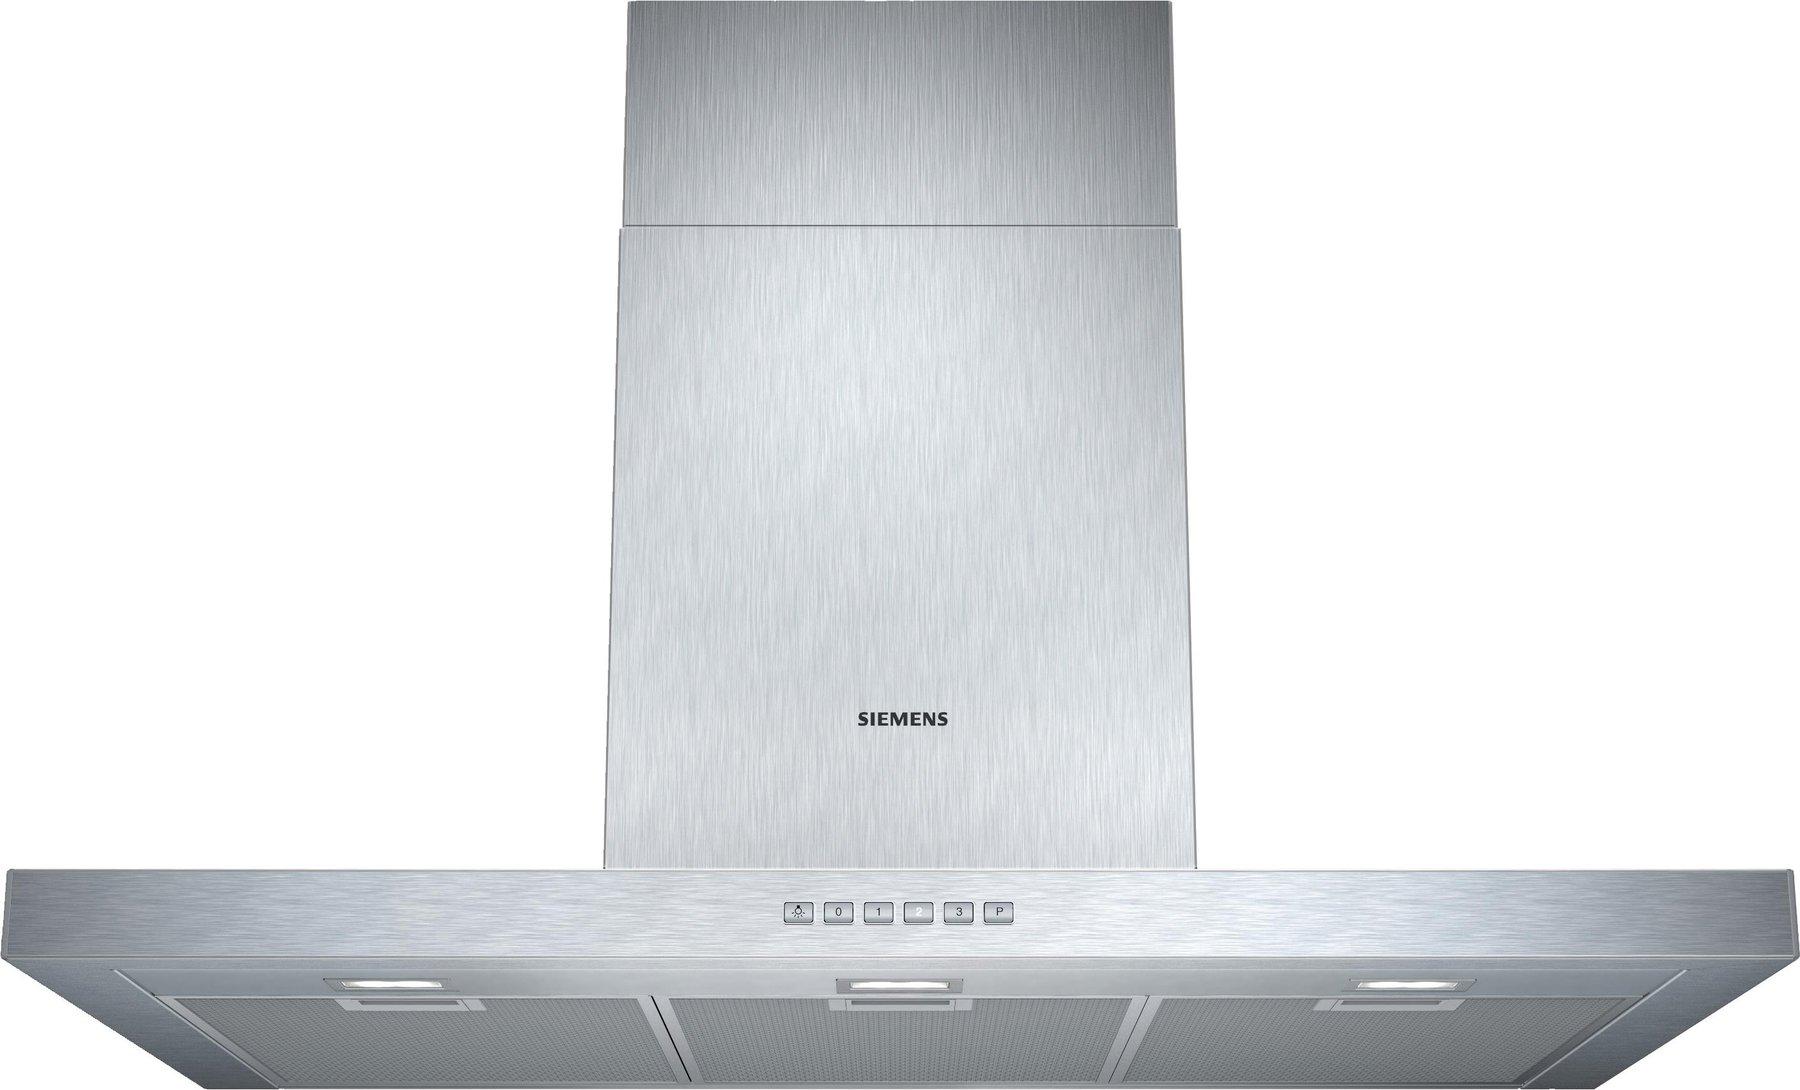 Siemens lc97bc532 ab 617 17 u20ac günstig im preisvergleich kaufen